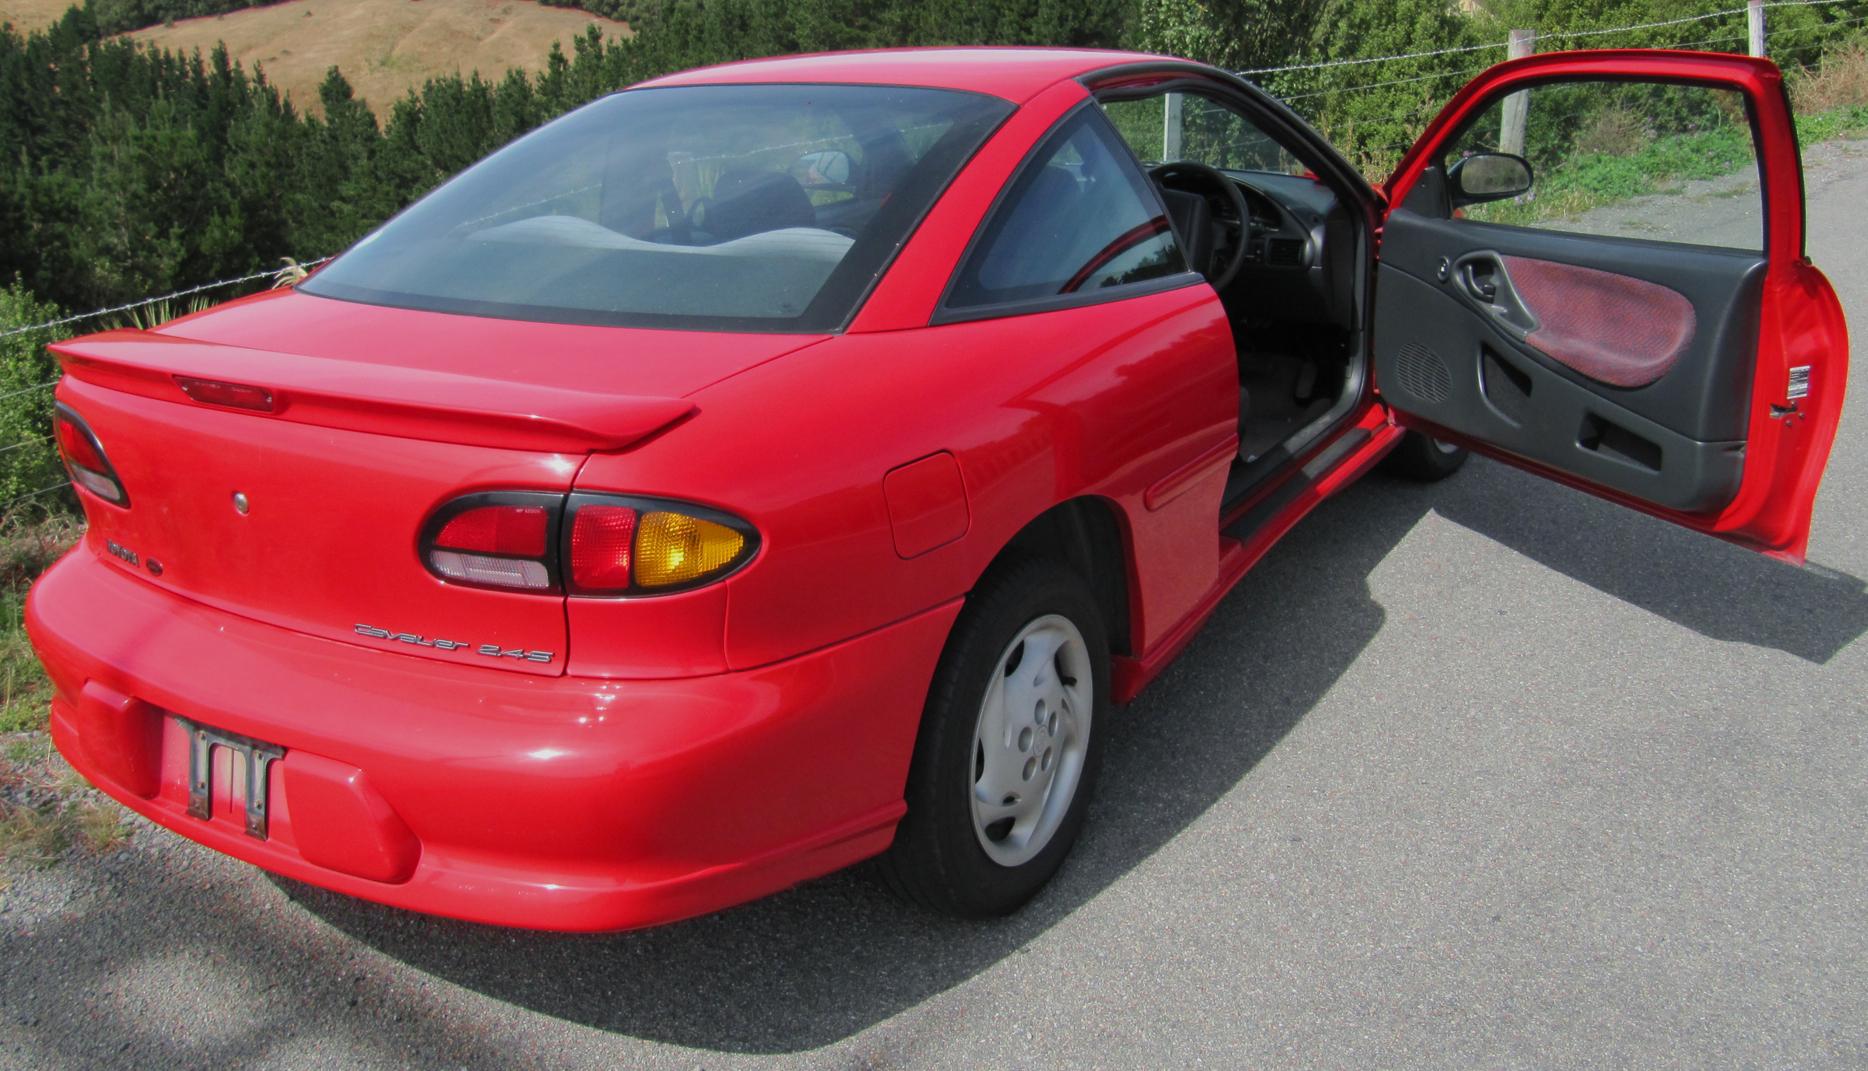 Chevrolet Cavalier III 1995 - 2005 Coupe #6